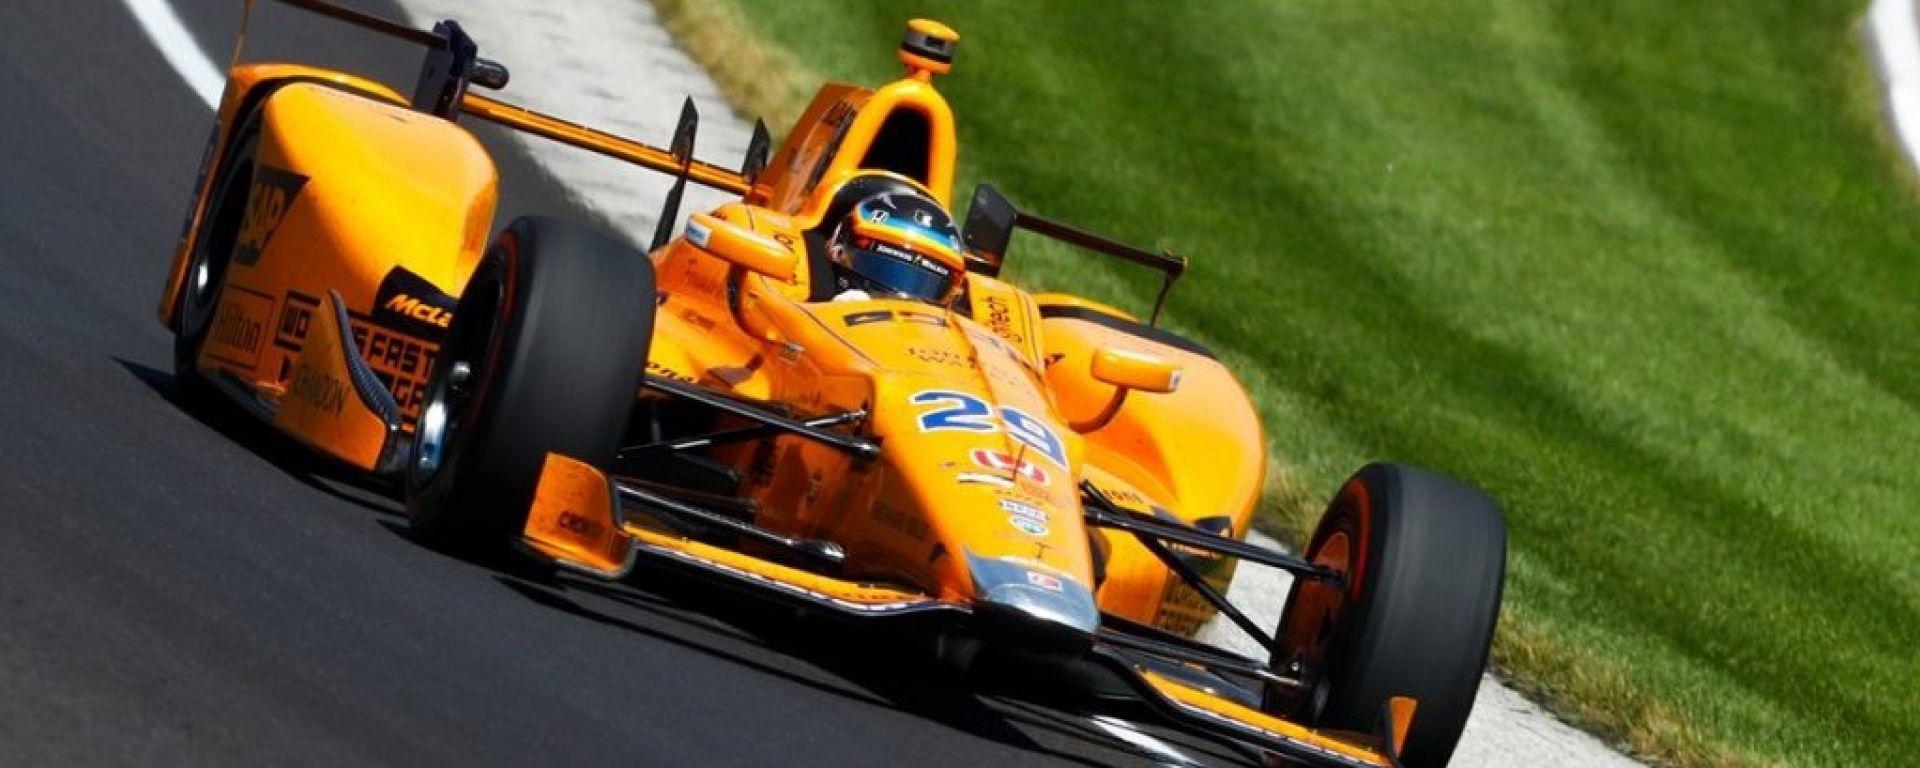 IndyCar, Alonso correrà con i motori Chevrolet alla 500 miglia